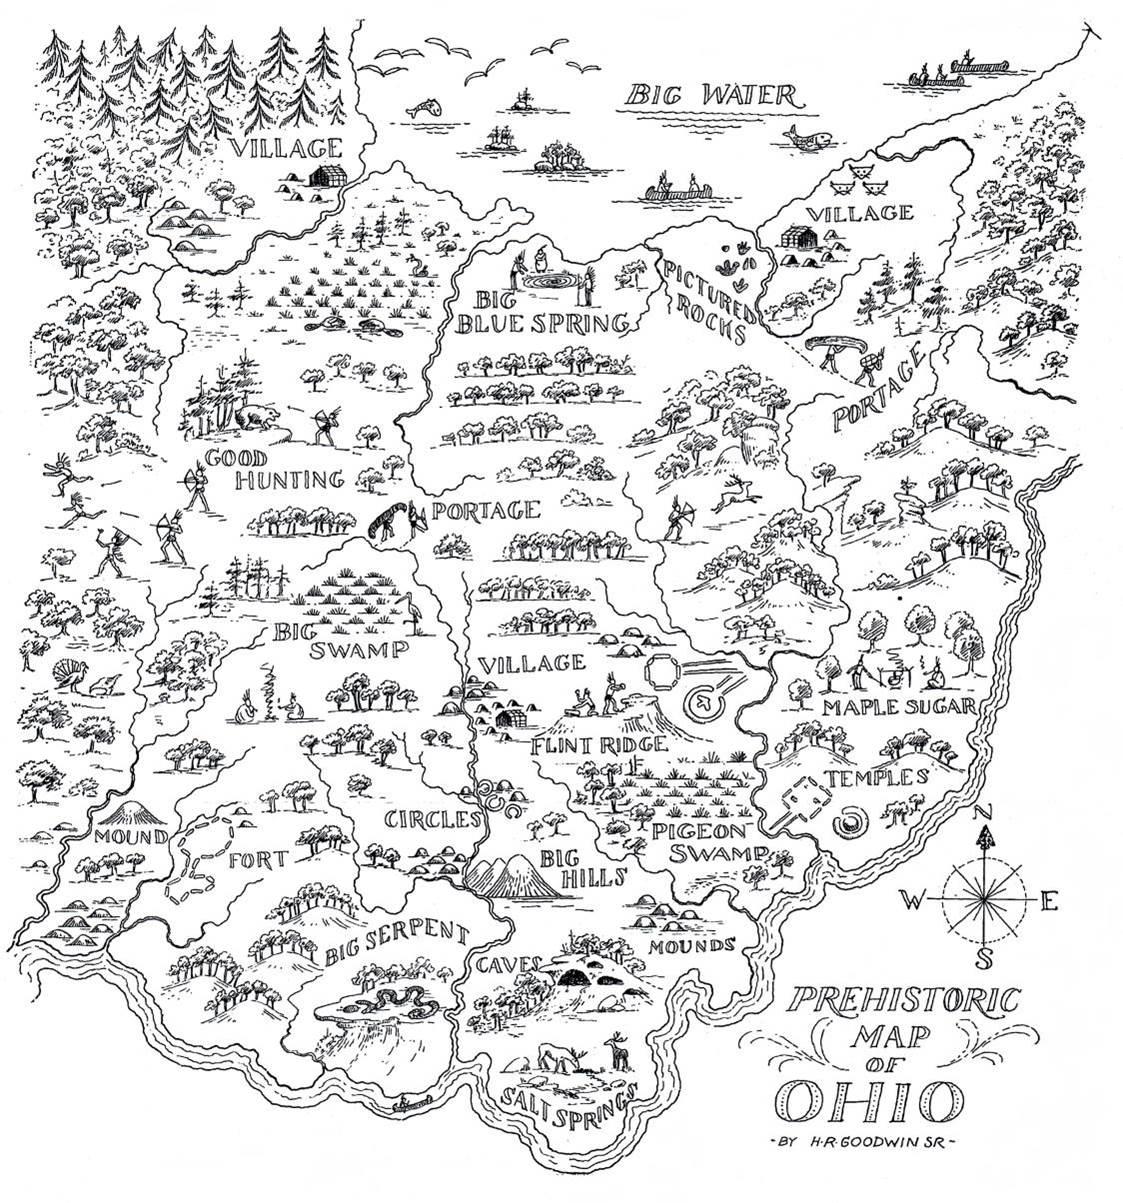 Prehistoric Map Of Ohio